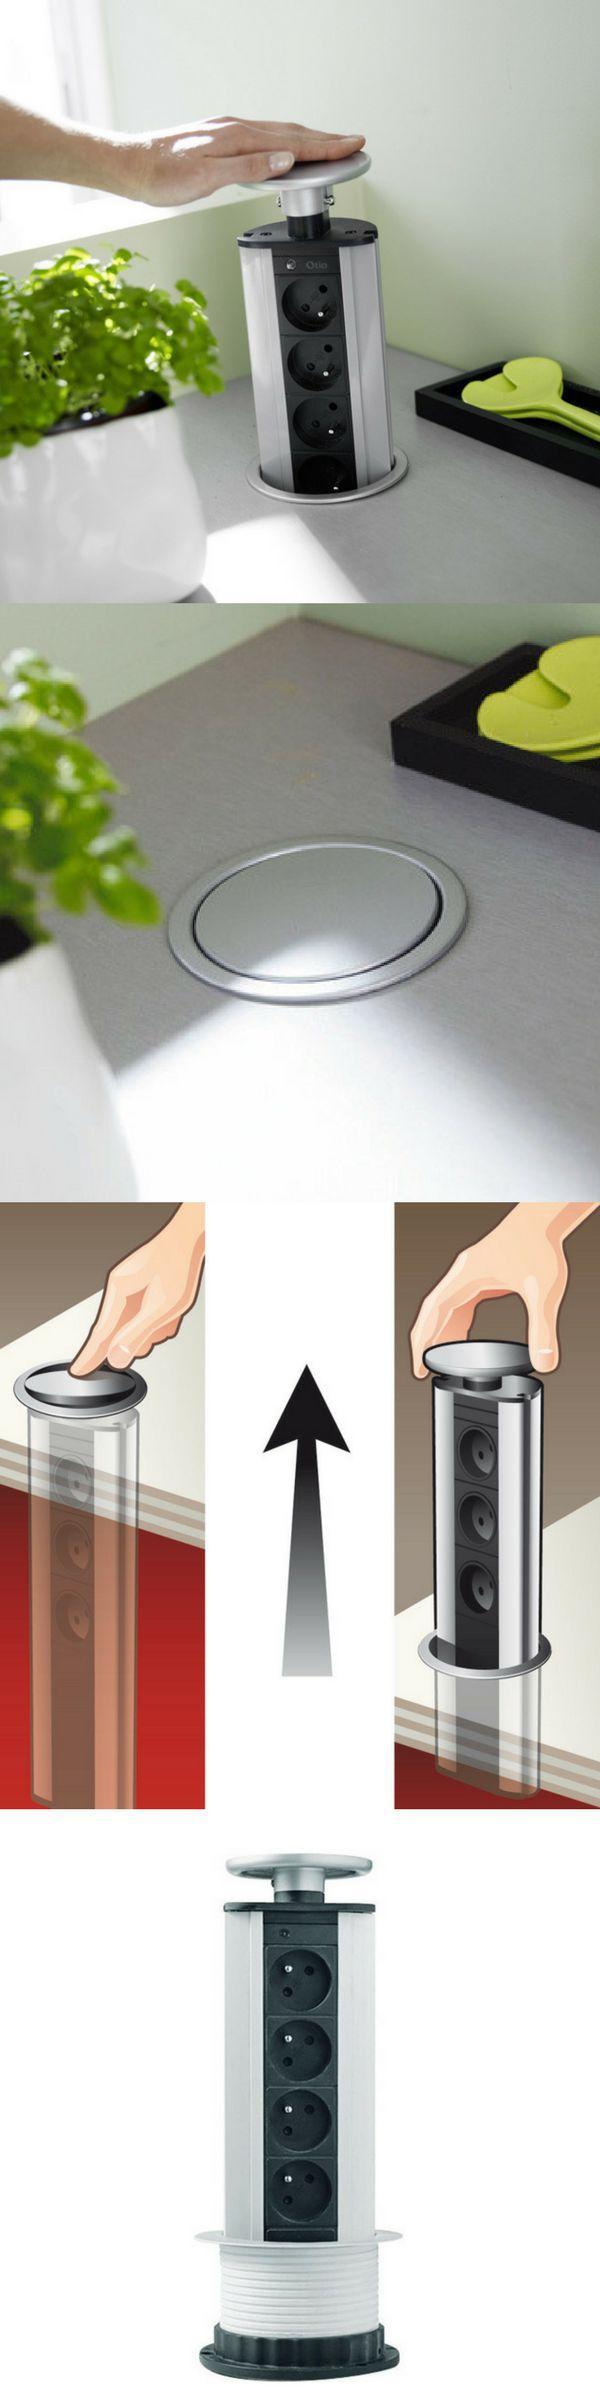 Bloc 4 prises encastrable finition métallisée OTIO pour gagner de la place et optimiser la surface du plan de travail dans la cuisine